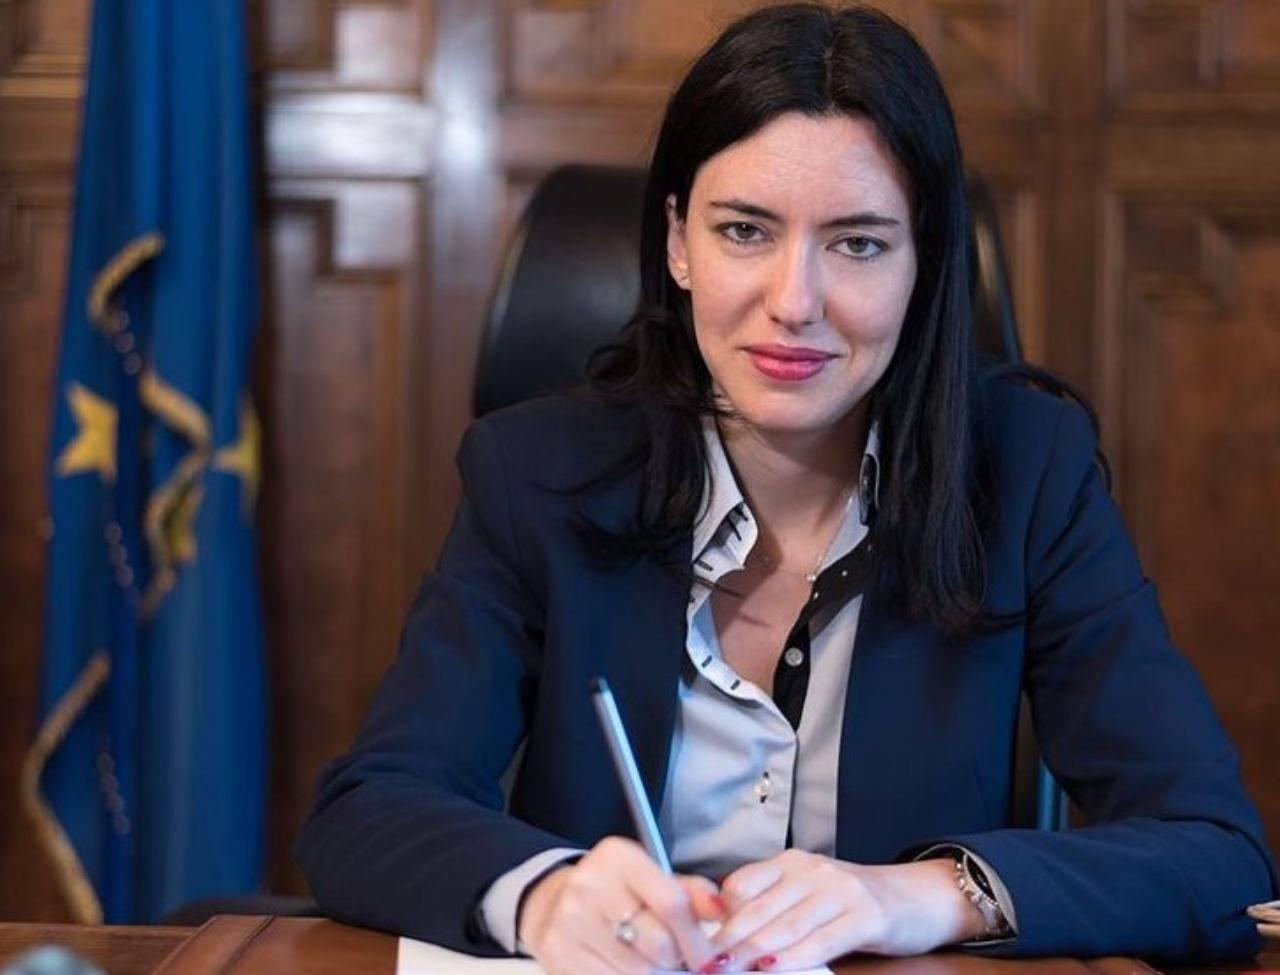 Ministra Lucia Azzolina (fonte Instagram @luciaazzolina)